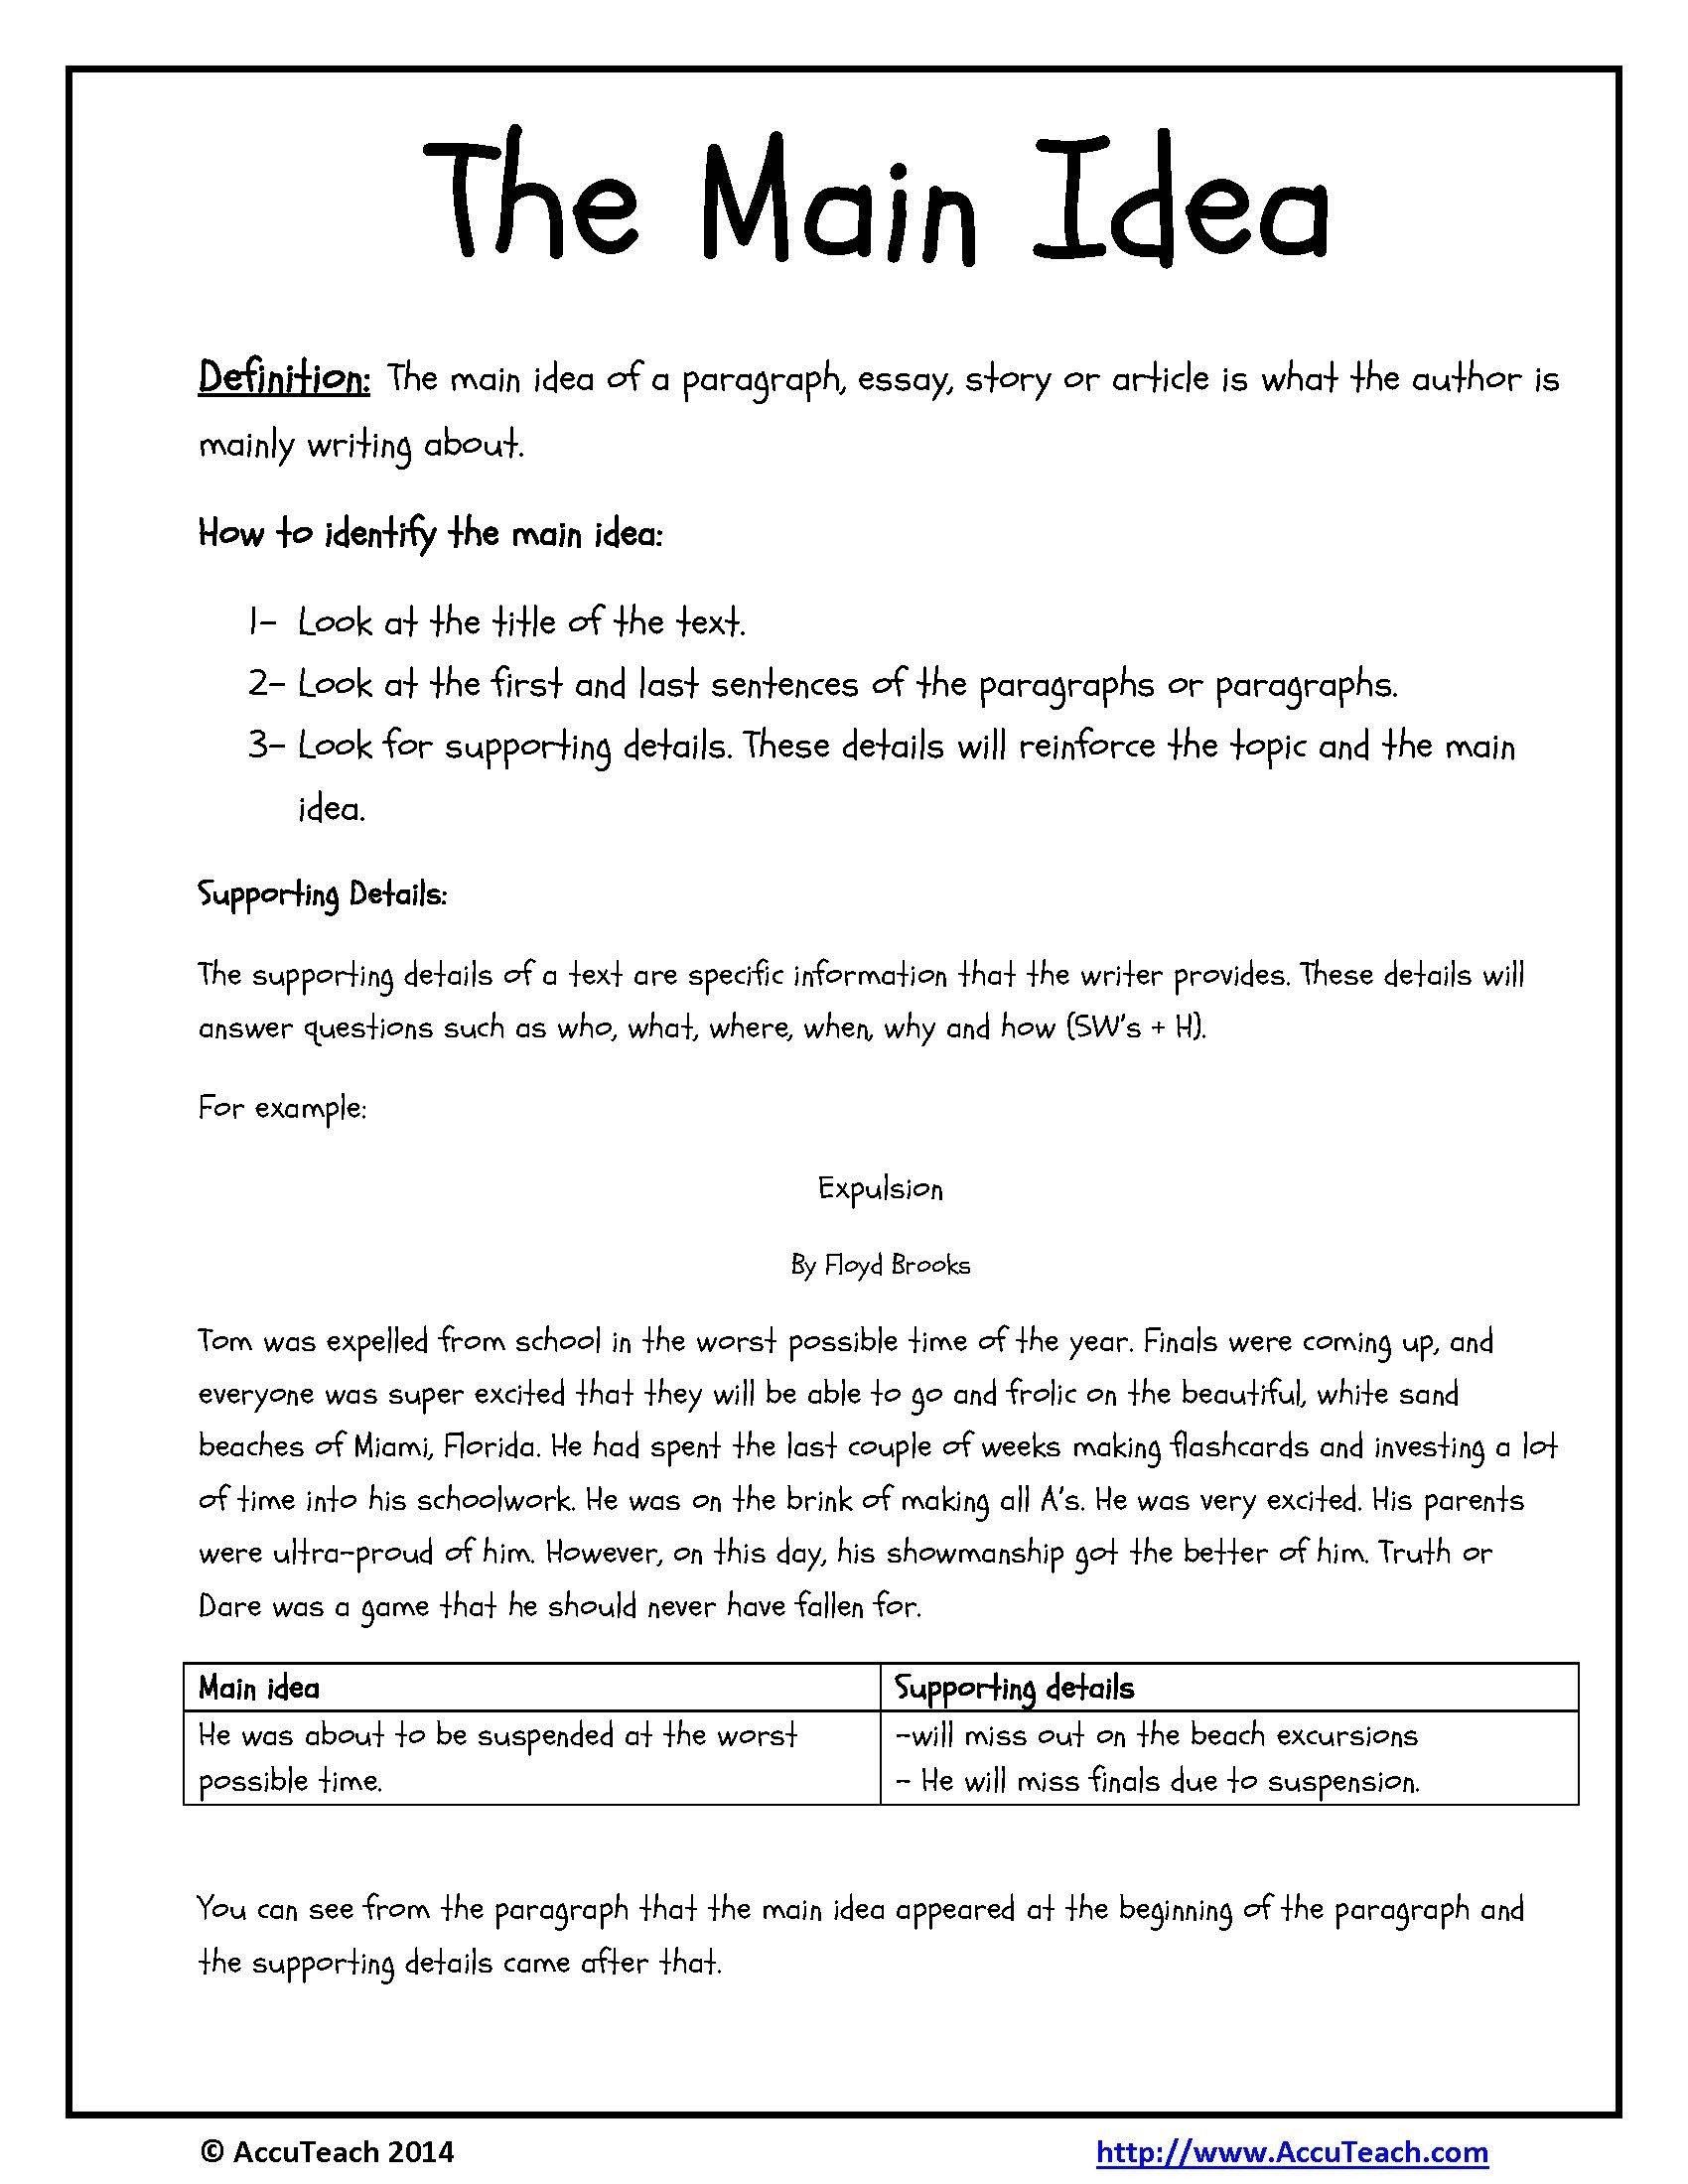 10 Unique Main Idea Worksheets 3Rd Grade beautiful comprehension worksheets main idea thejquery 1 2020